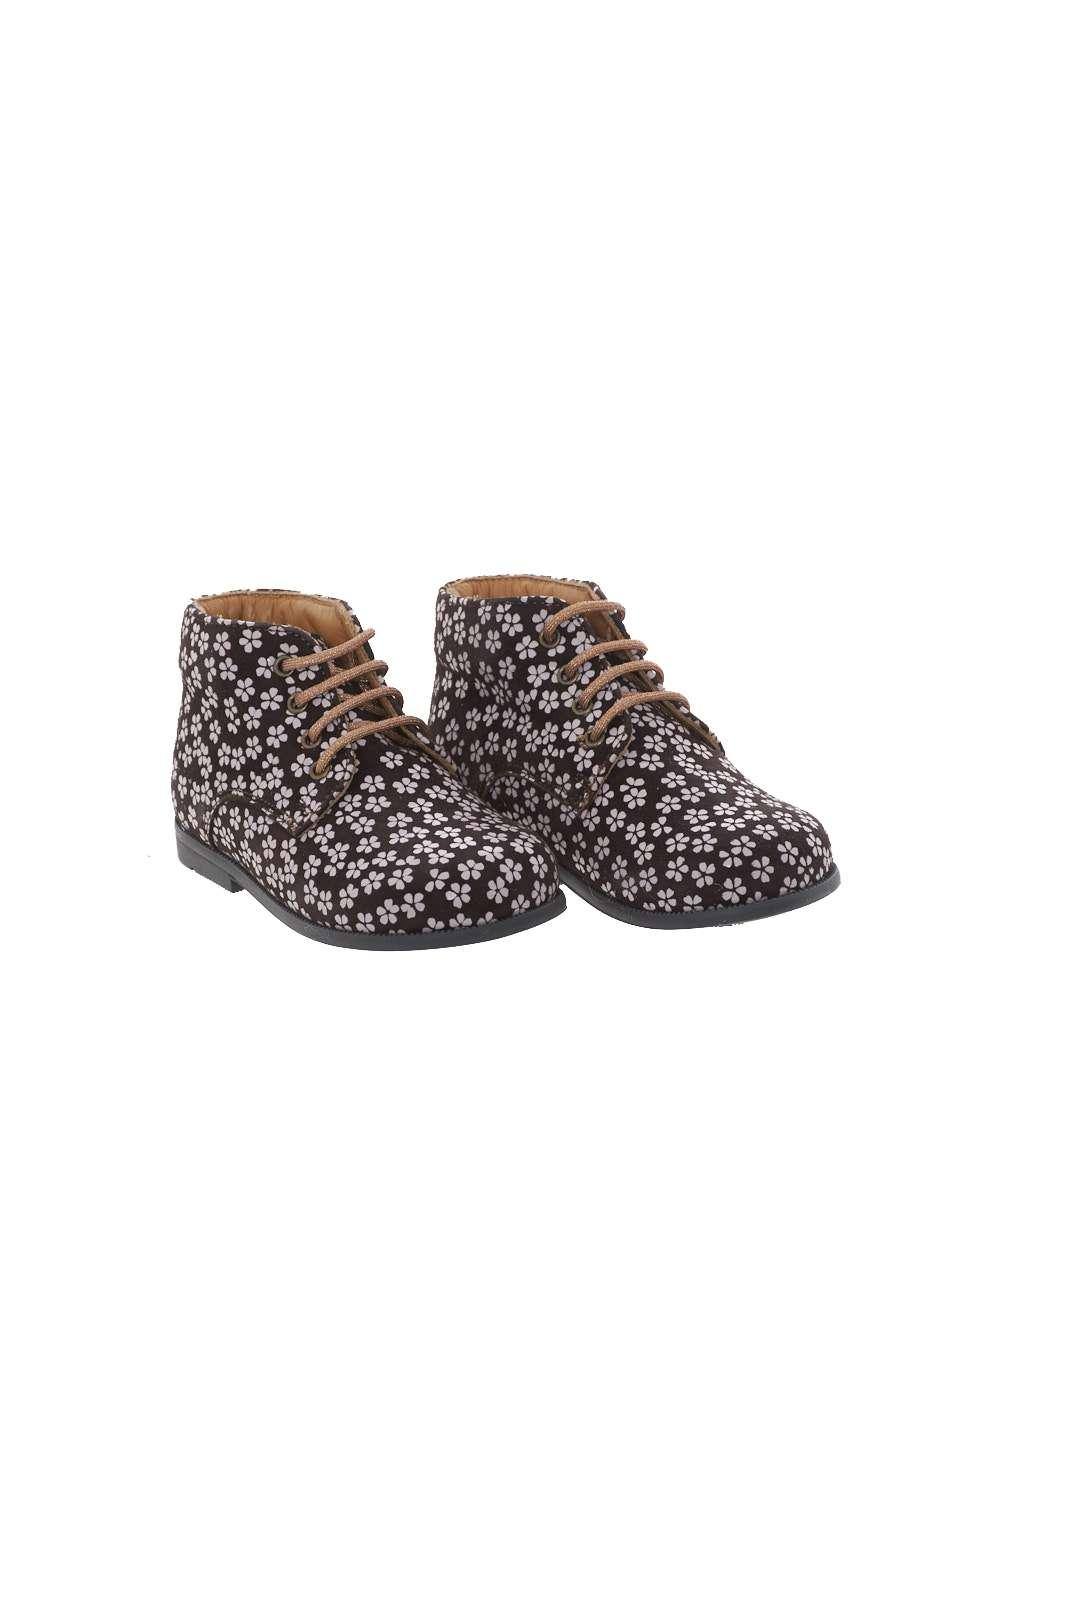 https://www.parmax.com/media/catalog/product/P/E/PE-outlet_parmax-scarpe-bimba-Two-Comme-moka-B_1.jpg